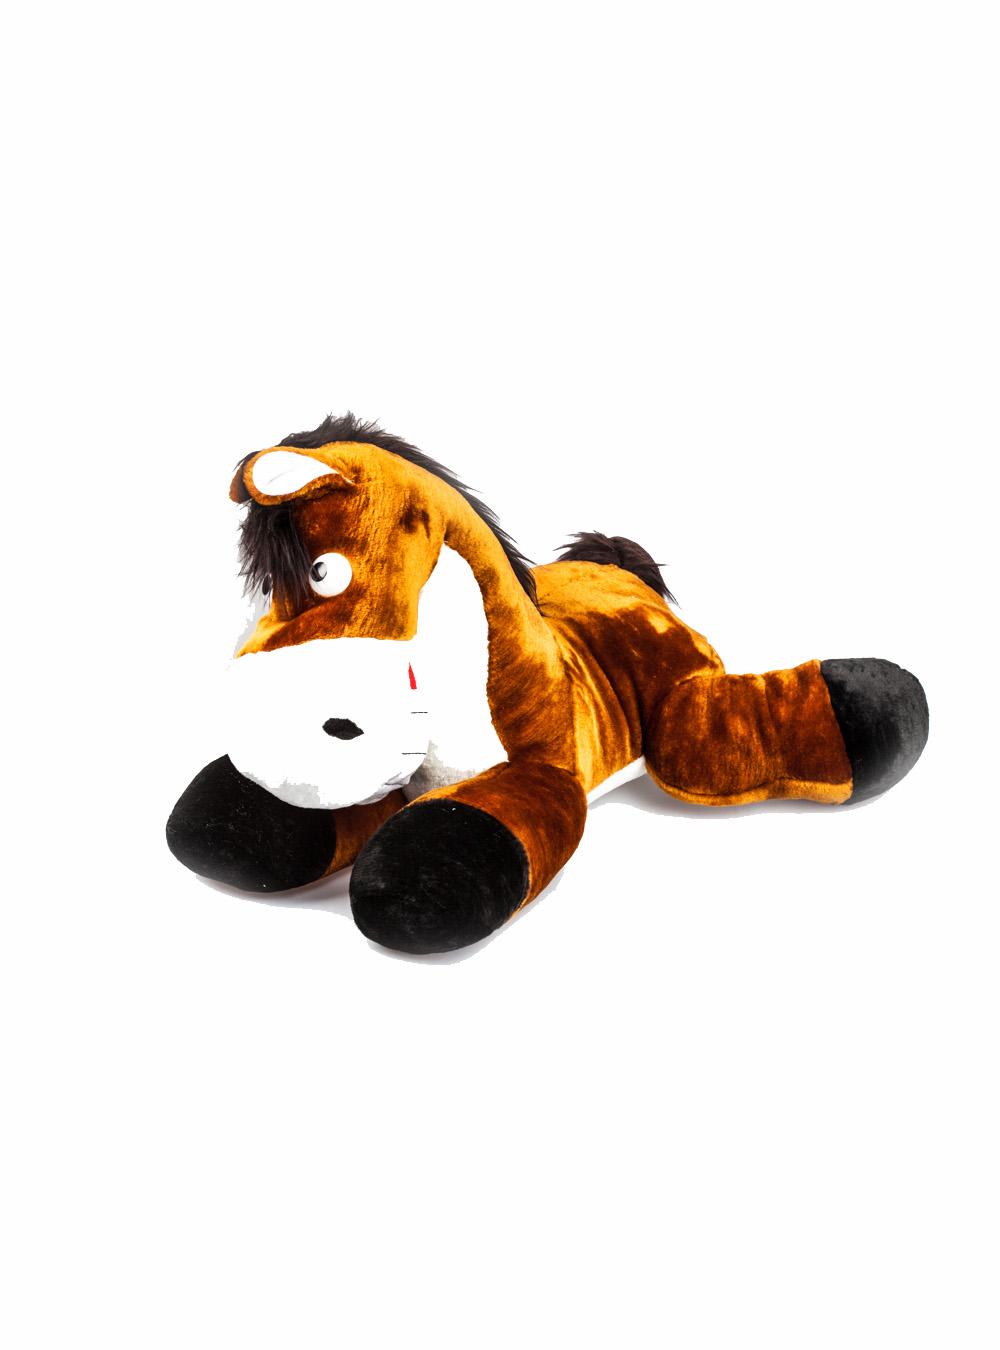 Мягкая игрушка Конь БоливарИгрушки<br>Мягкая игрушка Конь Боливар<br>